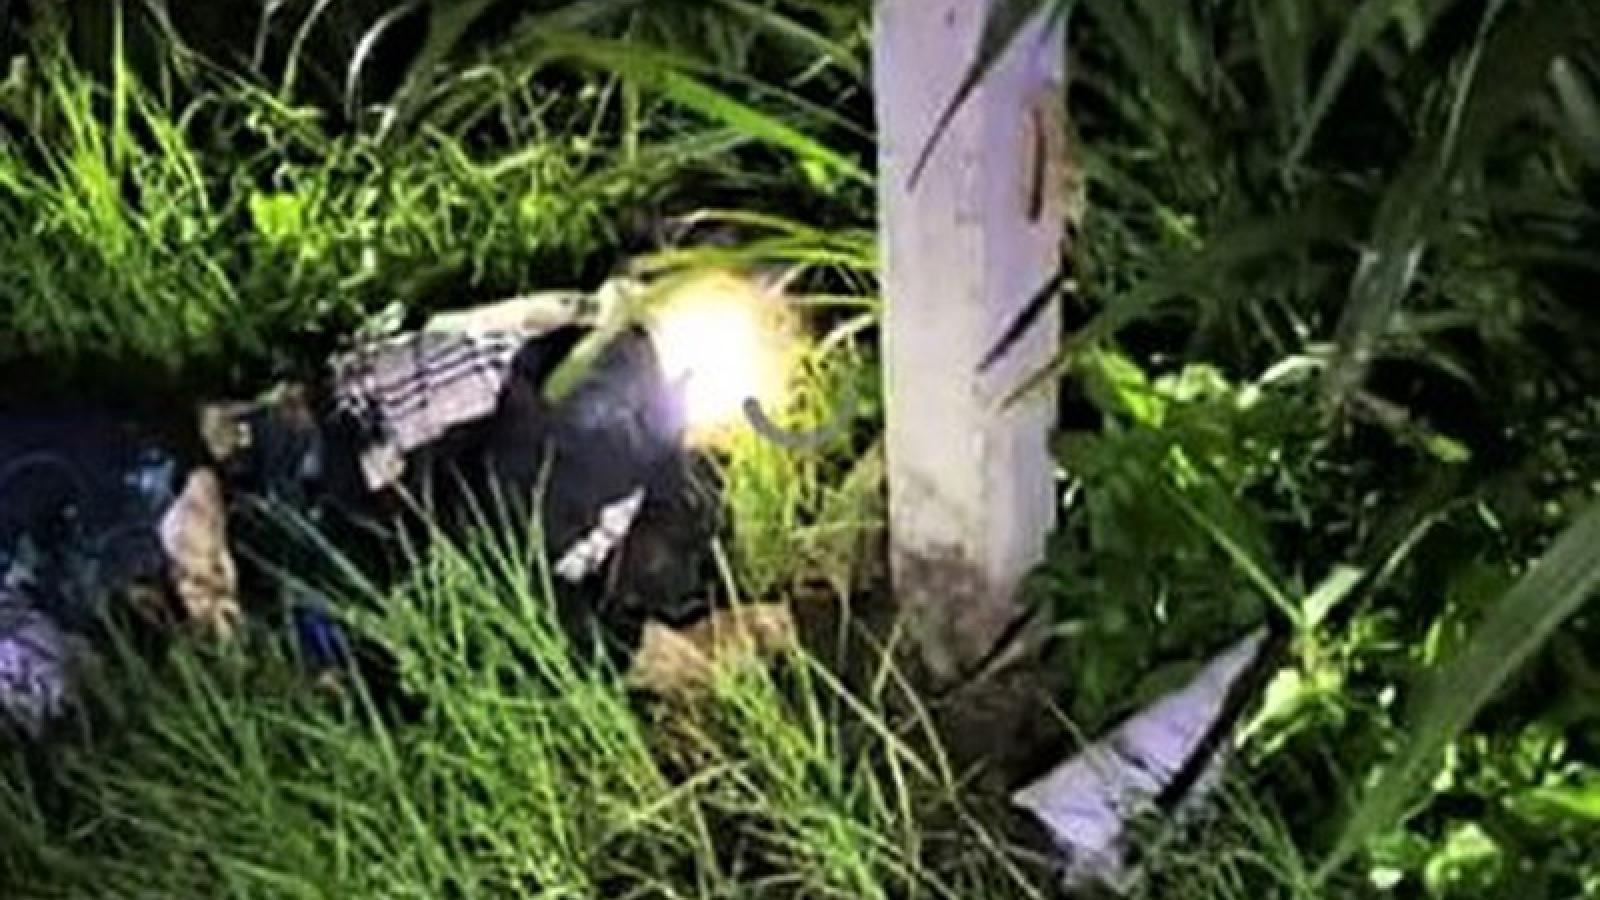 Tai nạn nghiêm trọng tại An Giang làm 2 người tử vong tại chỗ